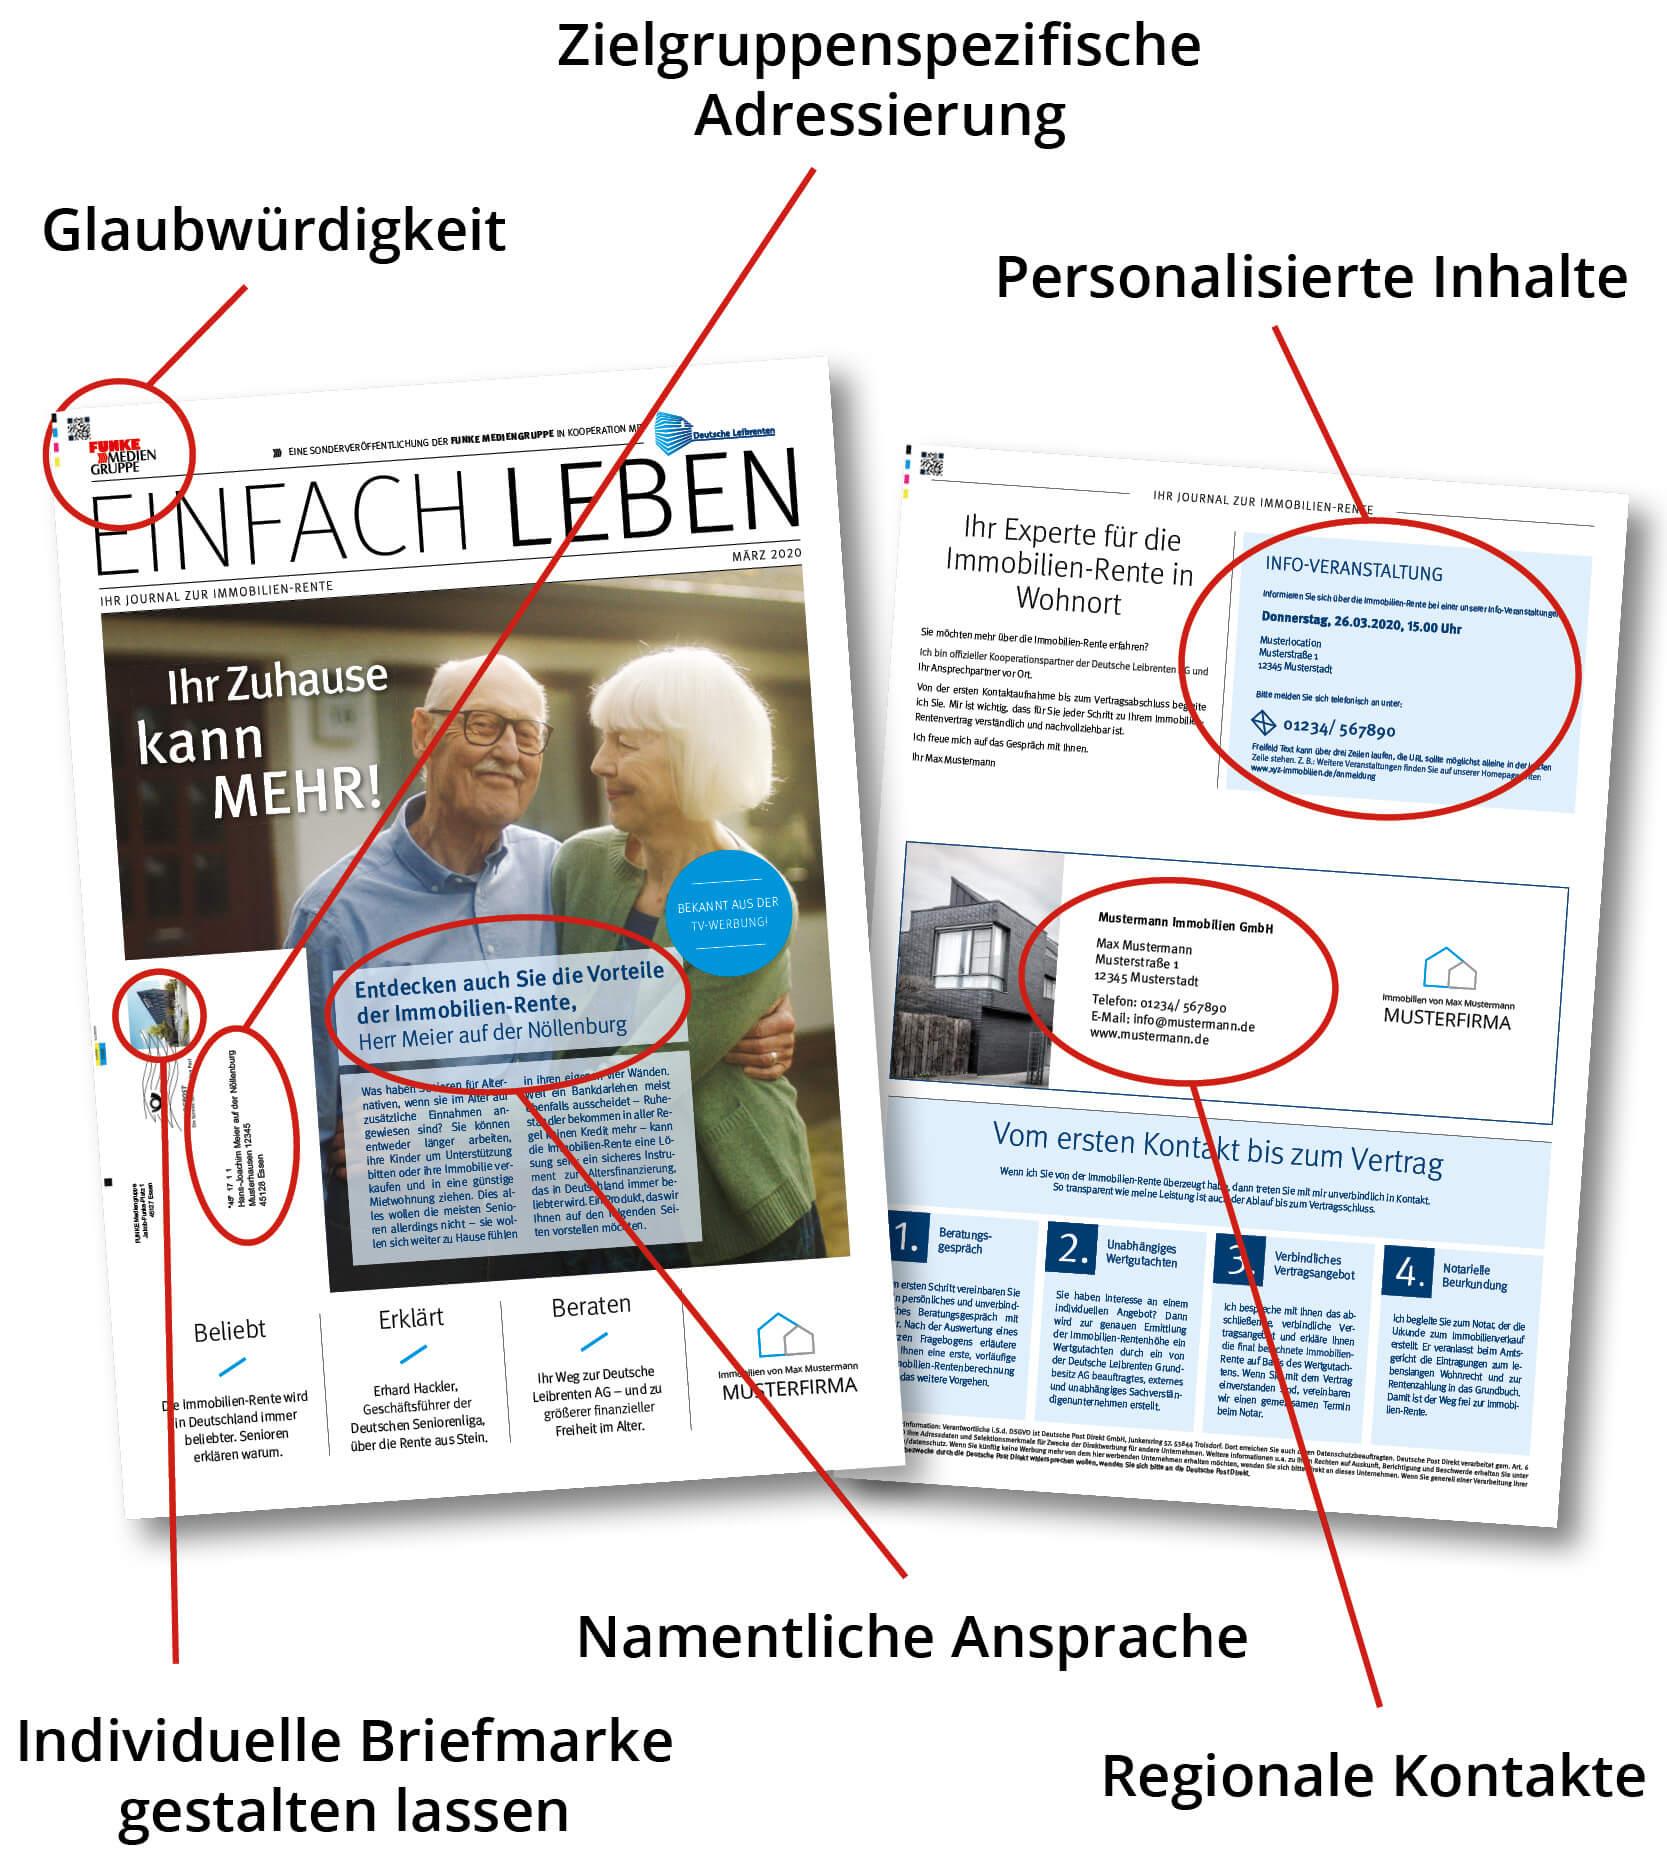 Werbezeitung mit personalisierter Ansprache und Adressierung